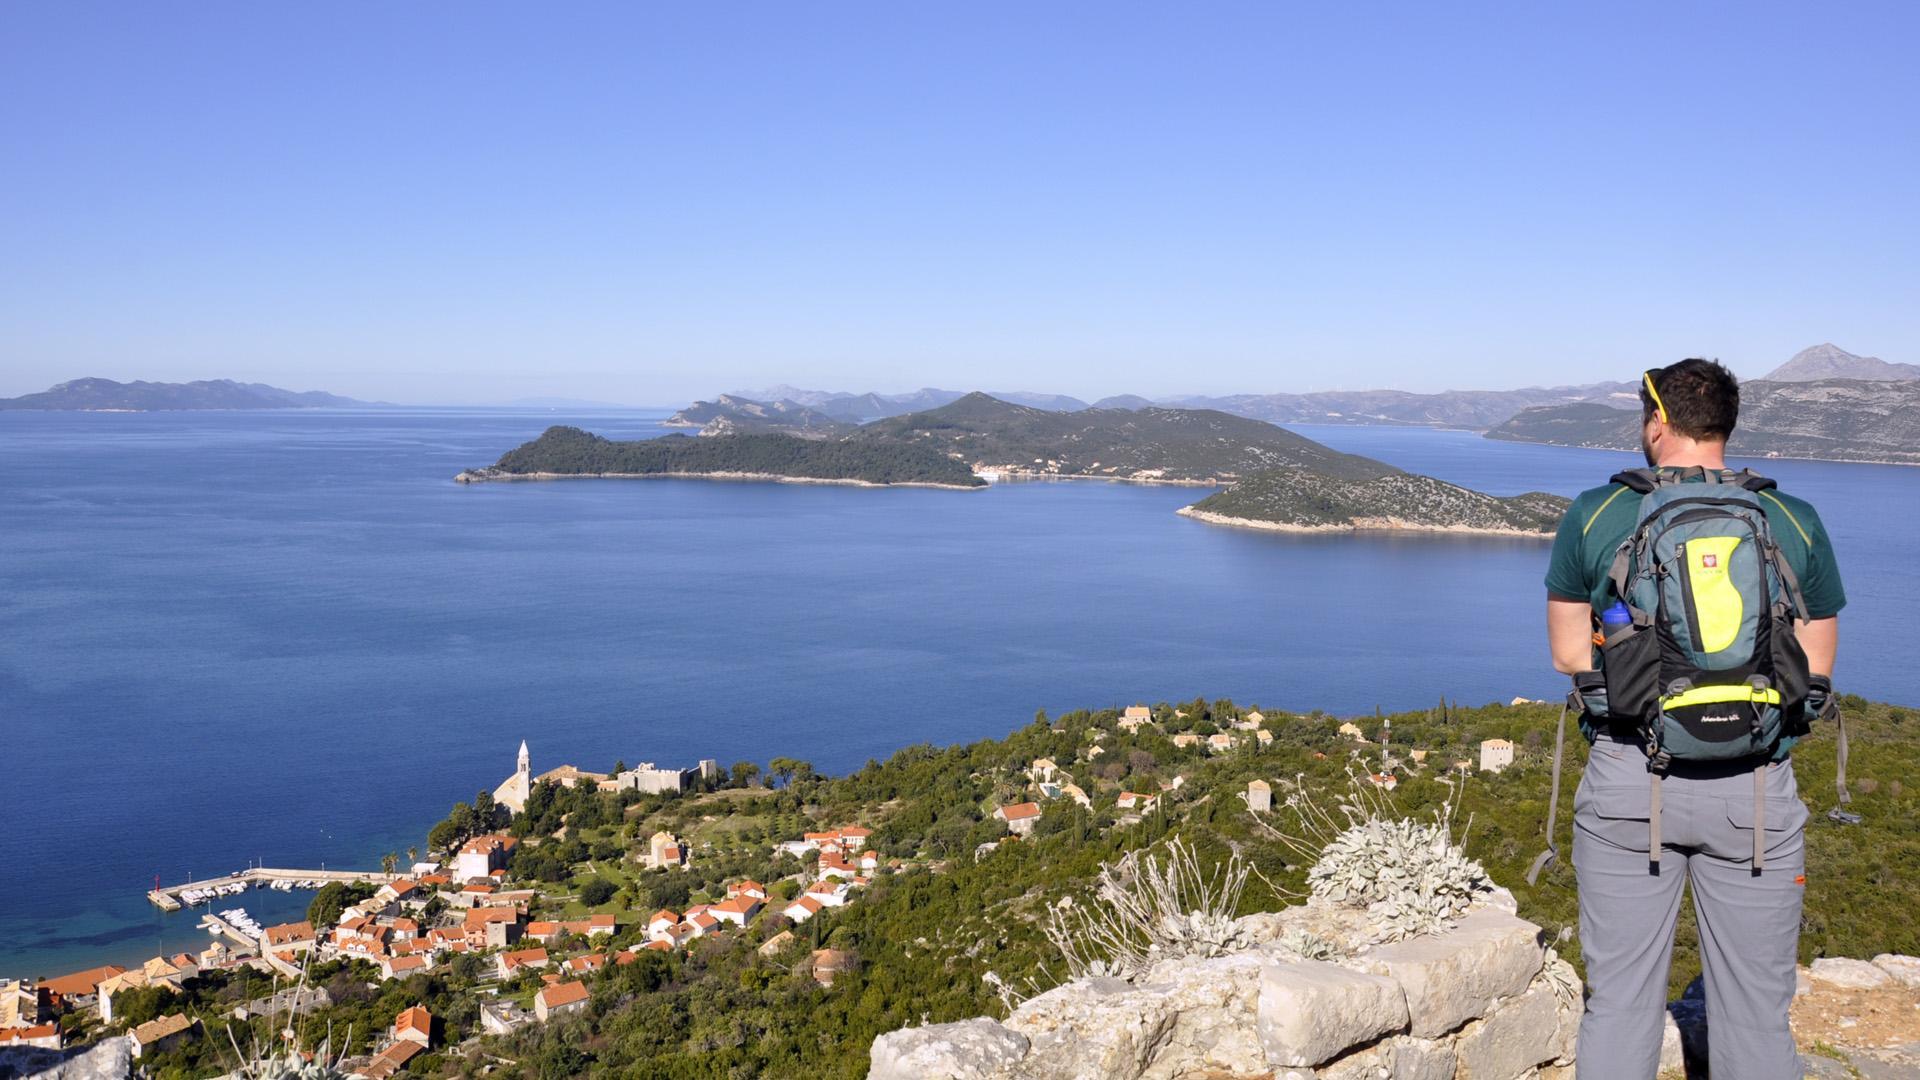 Pješačenje od Splita do Dubrovnika po hrvatskim otocima